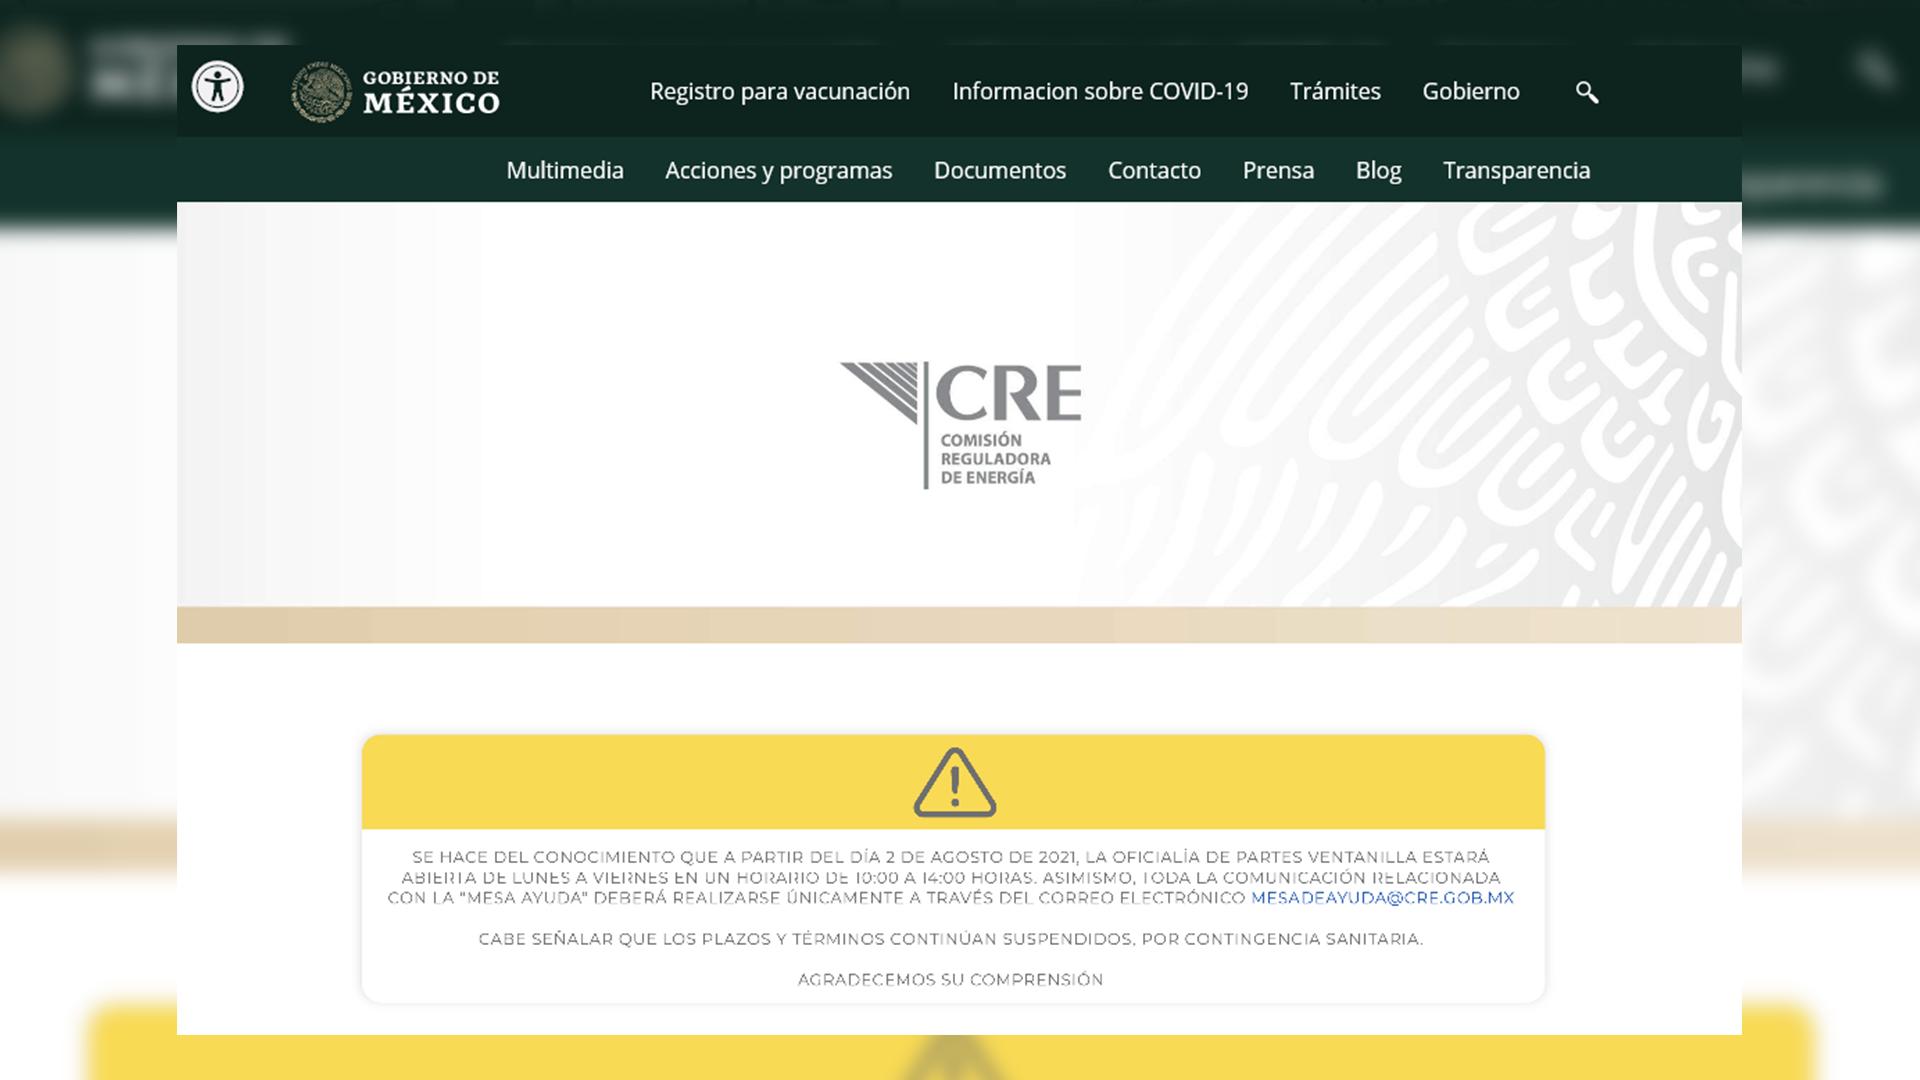 pagina web de la Comisión Reguladora de Energía (CRE)